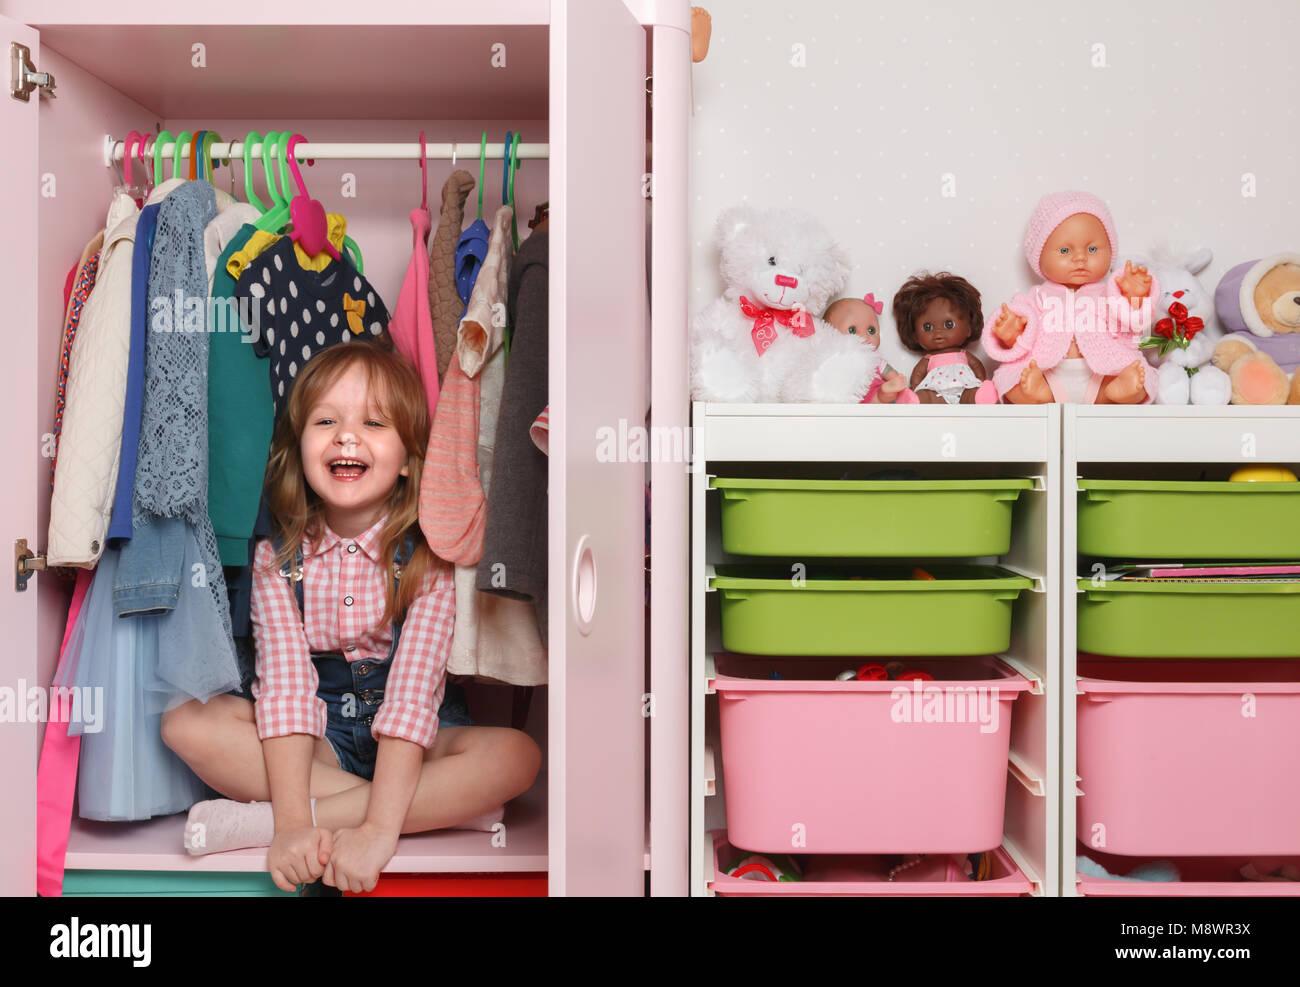 Una niña pequeña está sentada en un armario con un children's departmen Imagen De Stock